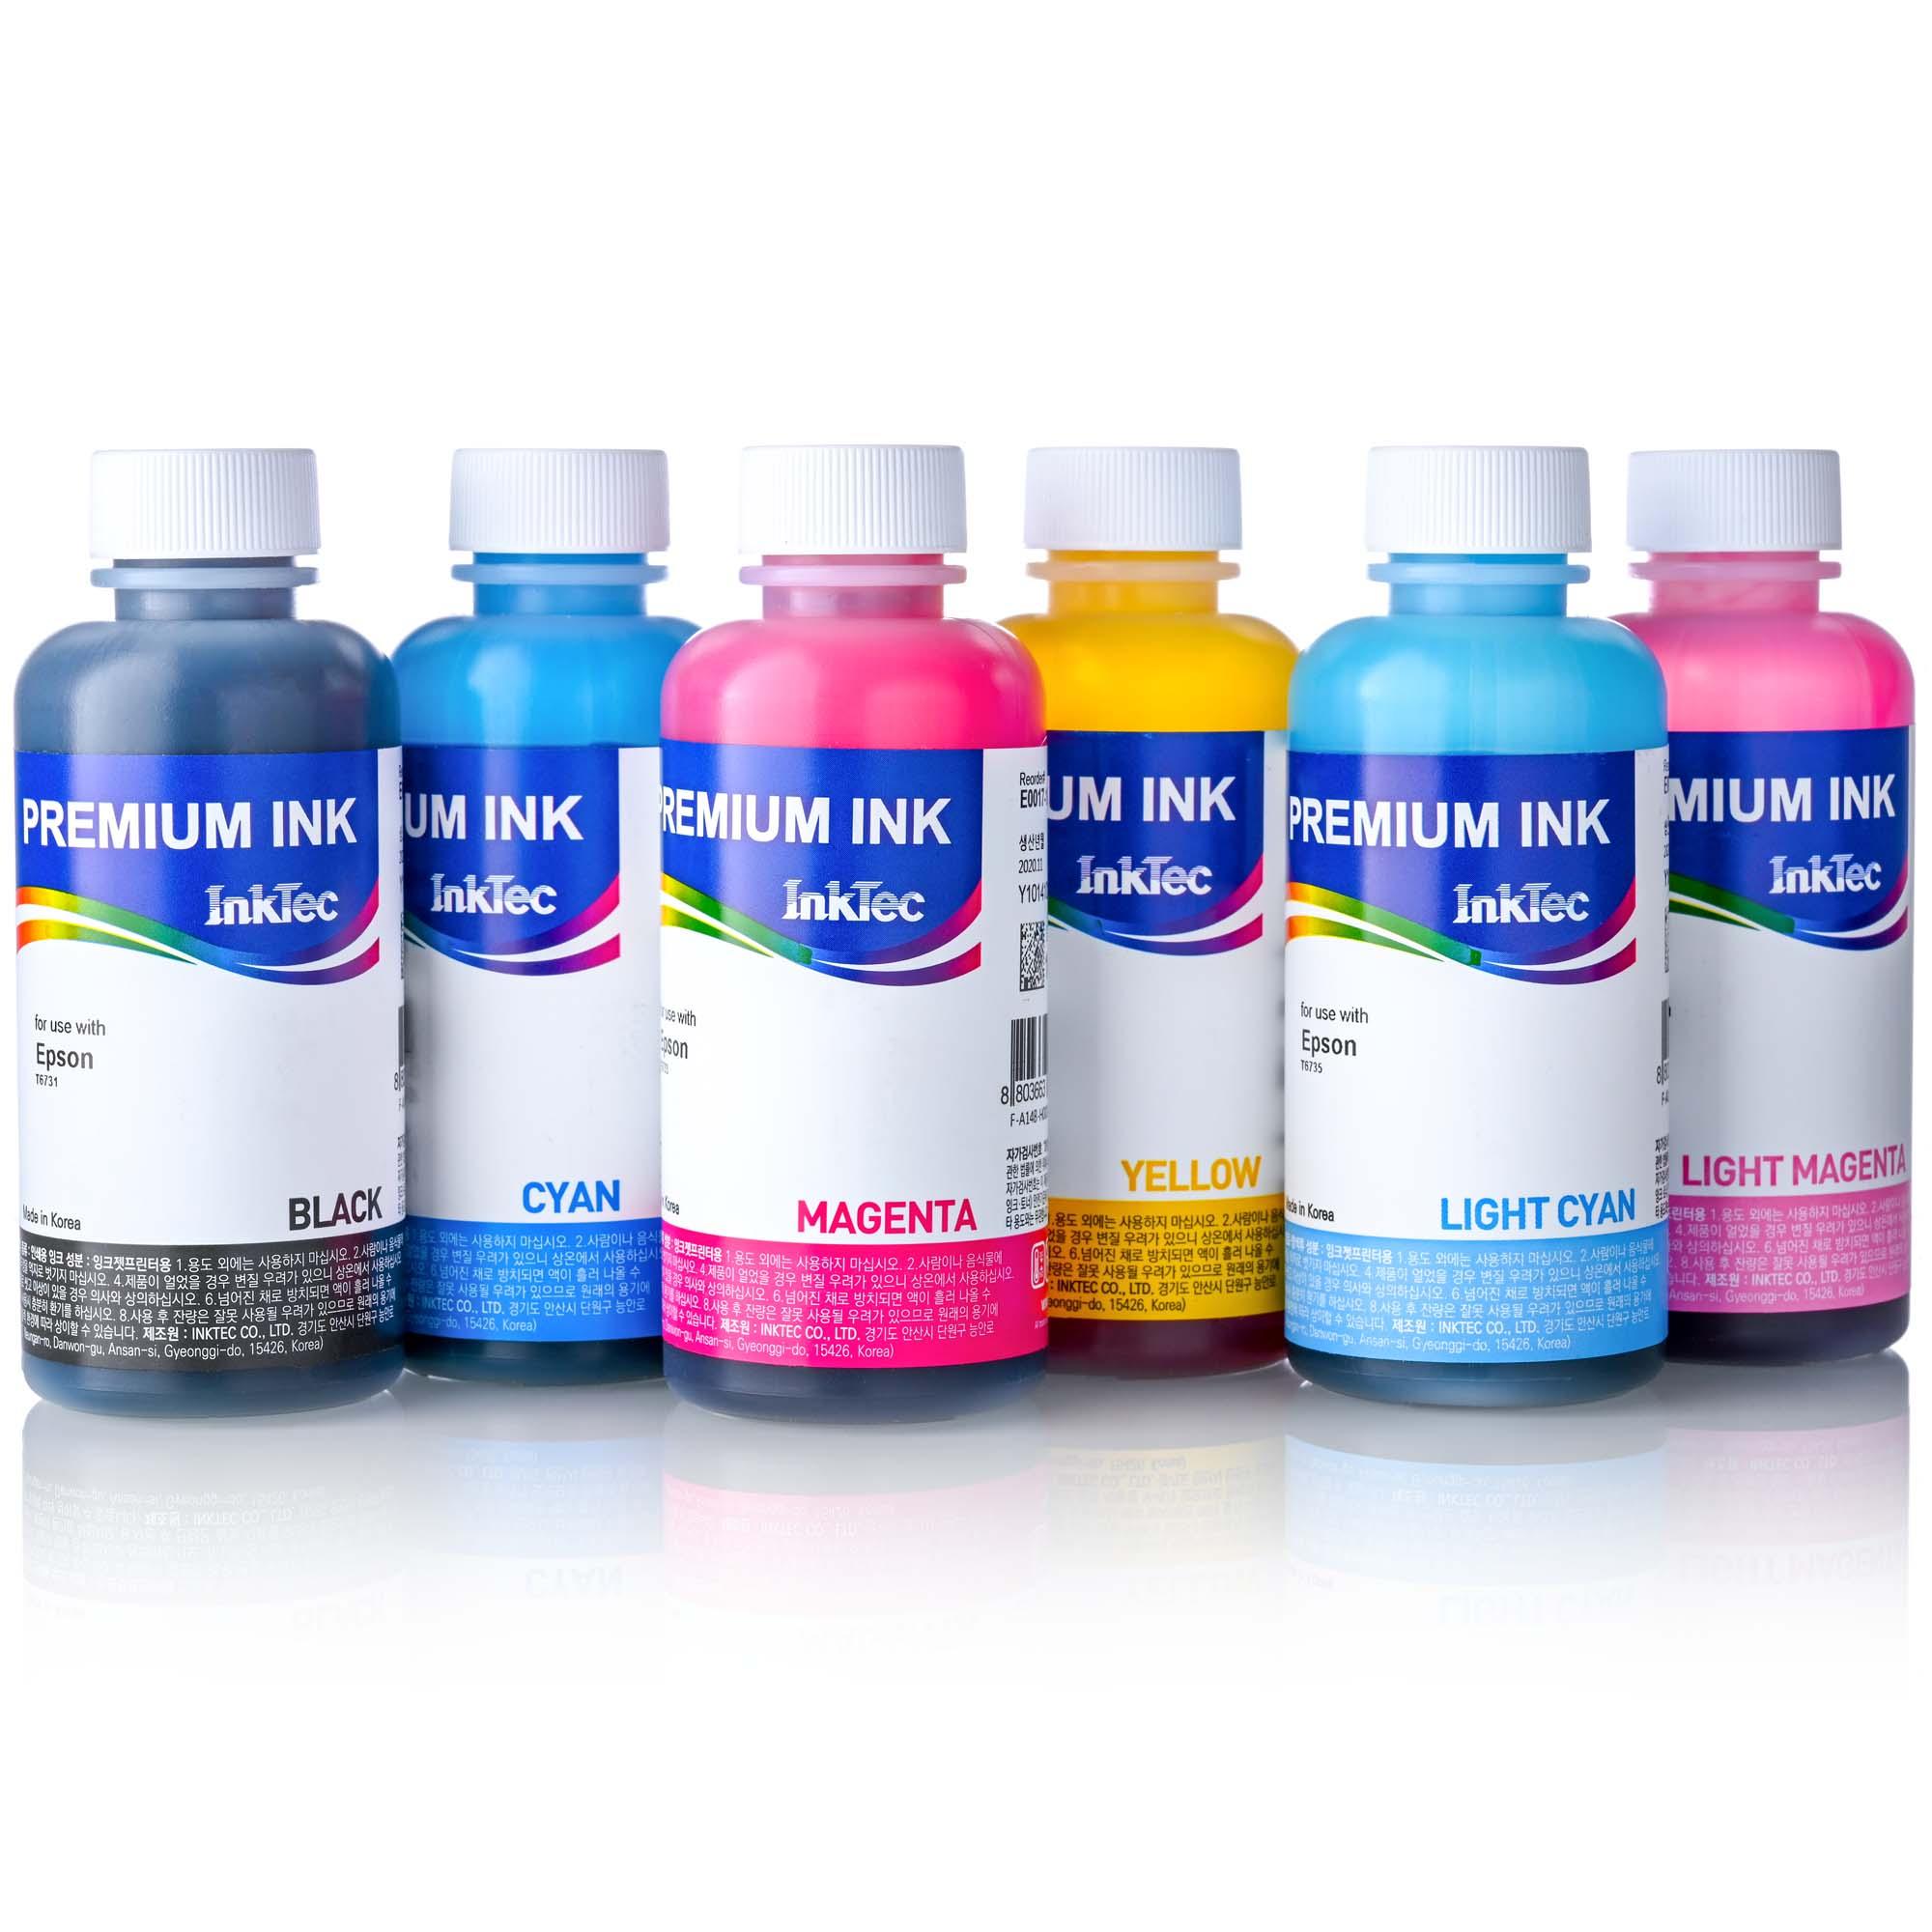 Чернила для принтера Epson L800, L805, L810, L815, L850, L855, L1800, InkTec 6 x 100 мл, комплект